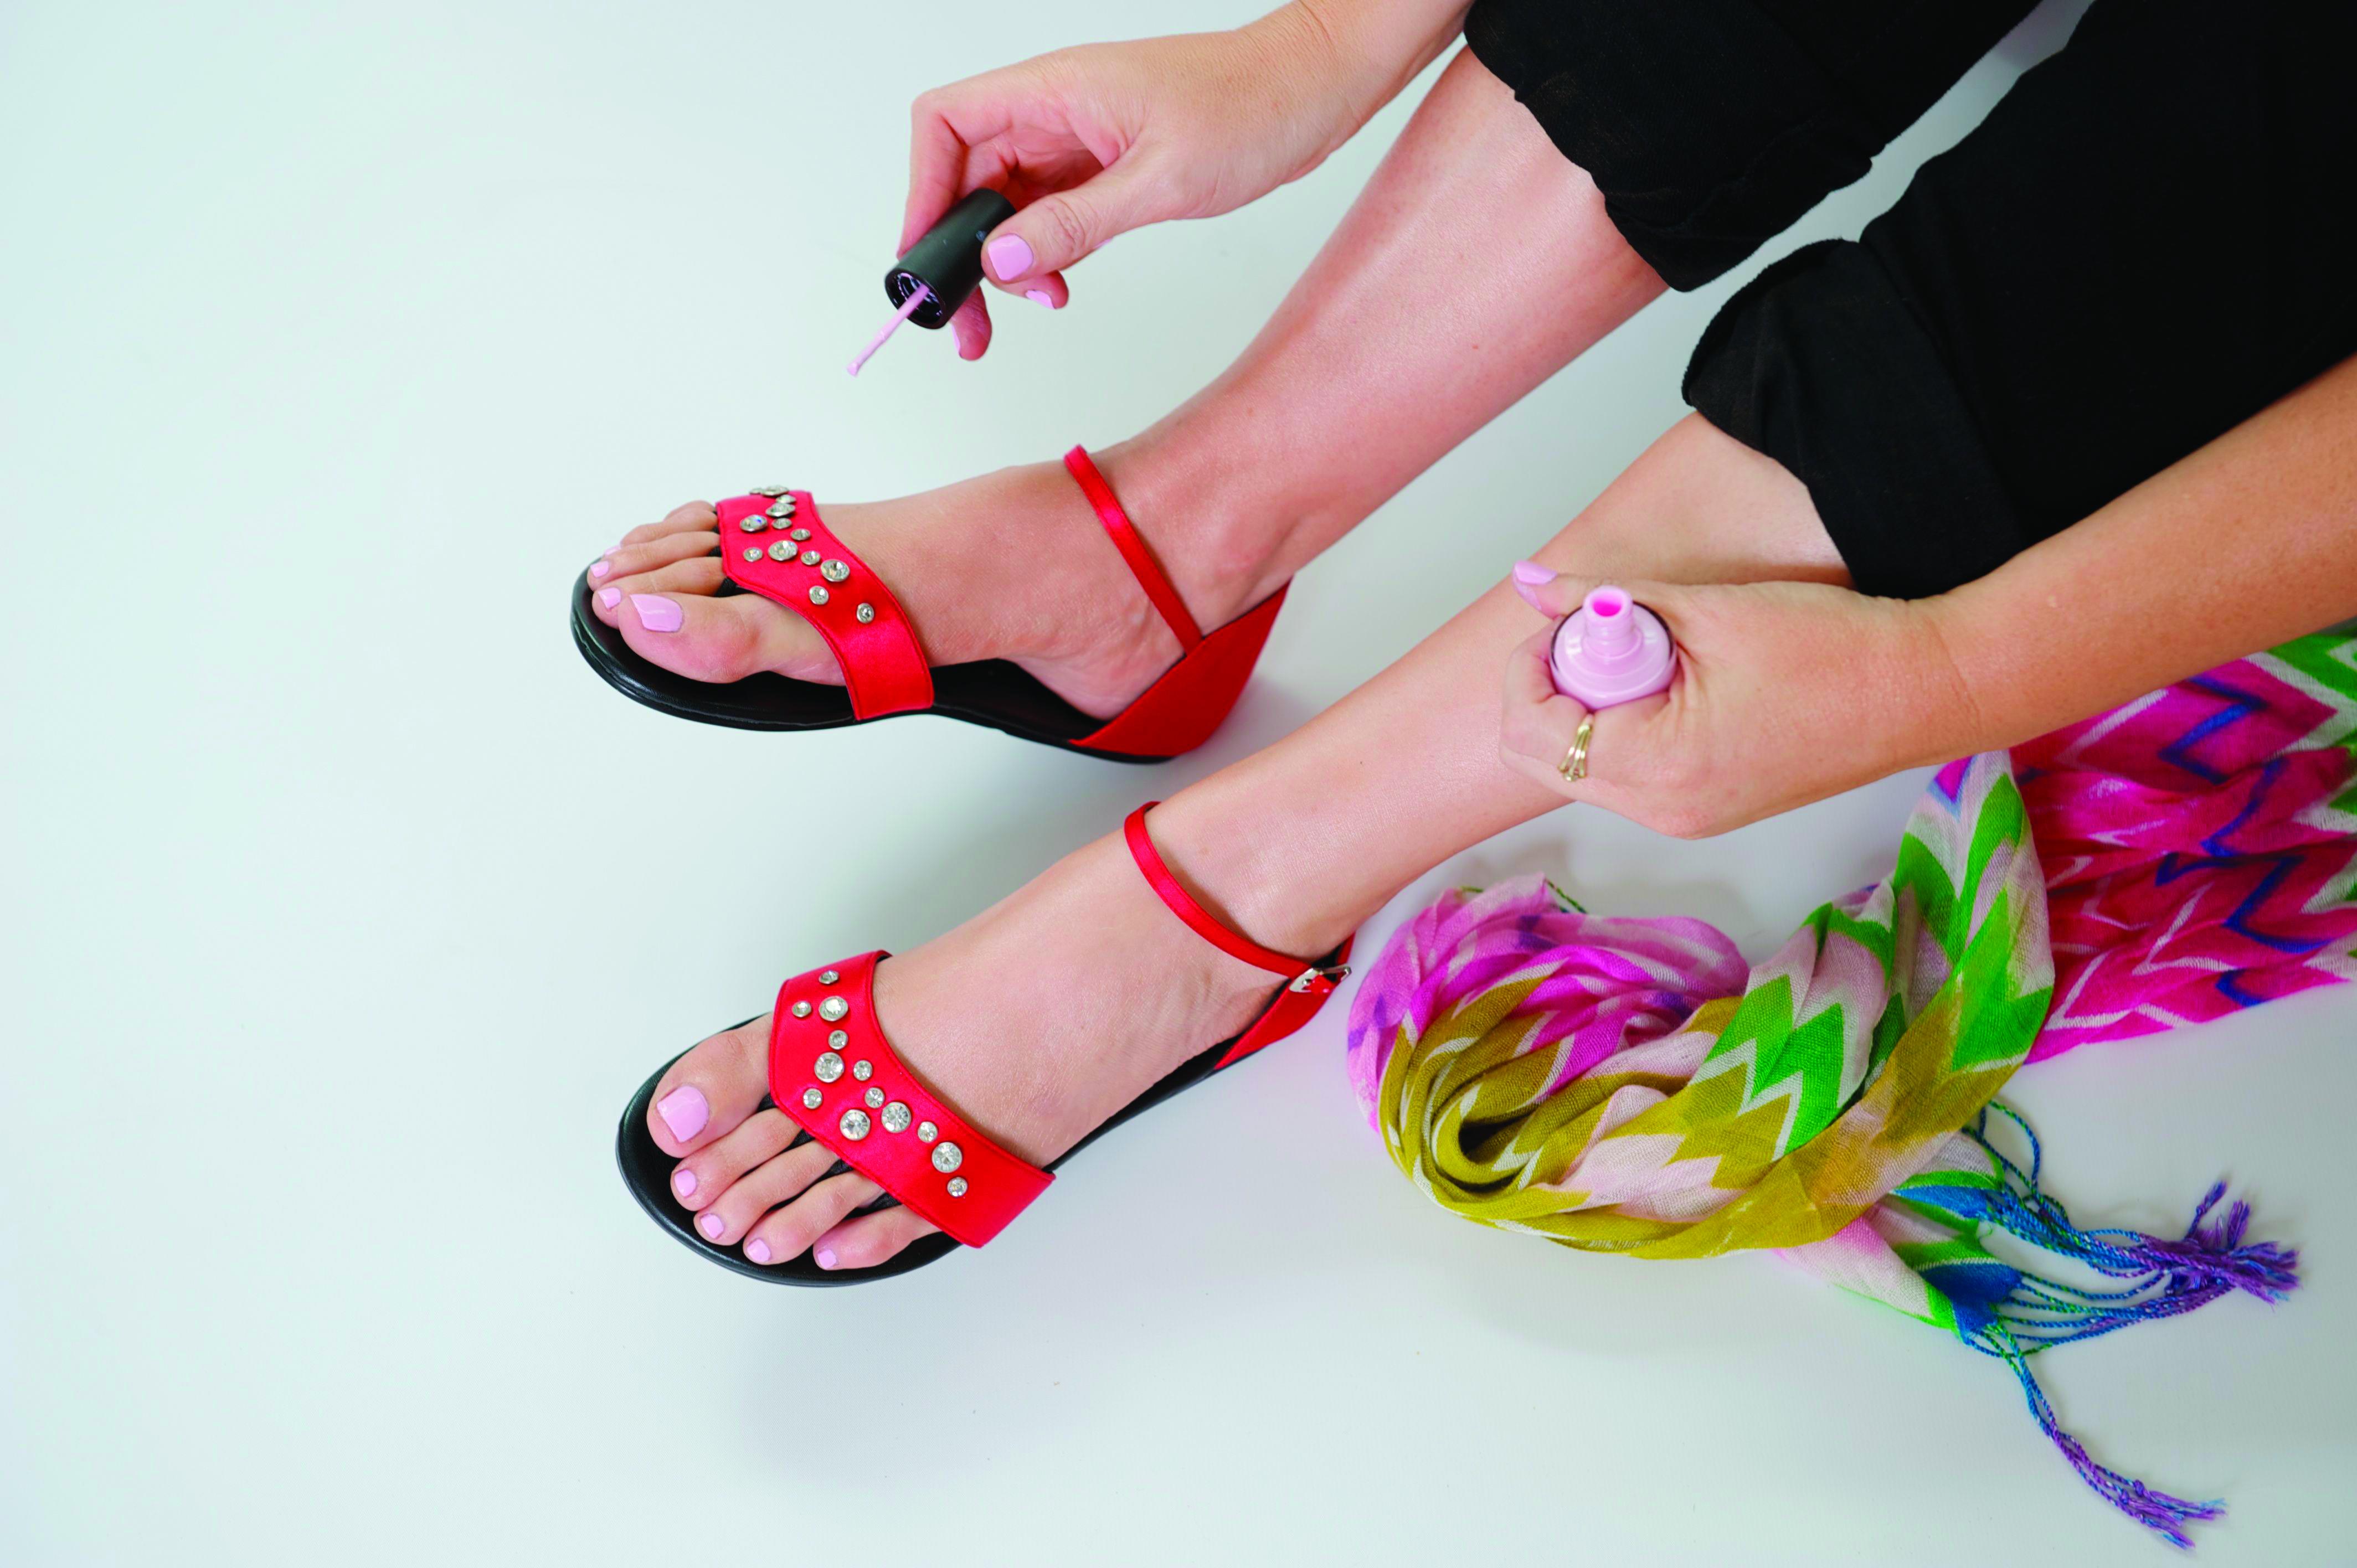 Foldable Pedicure Sandals